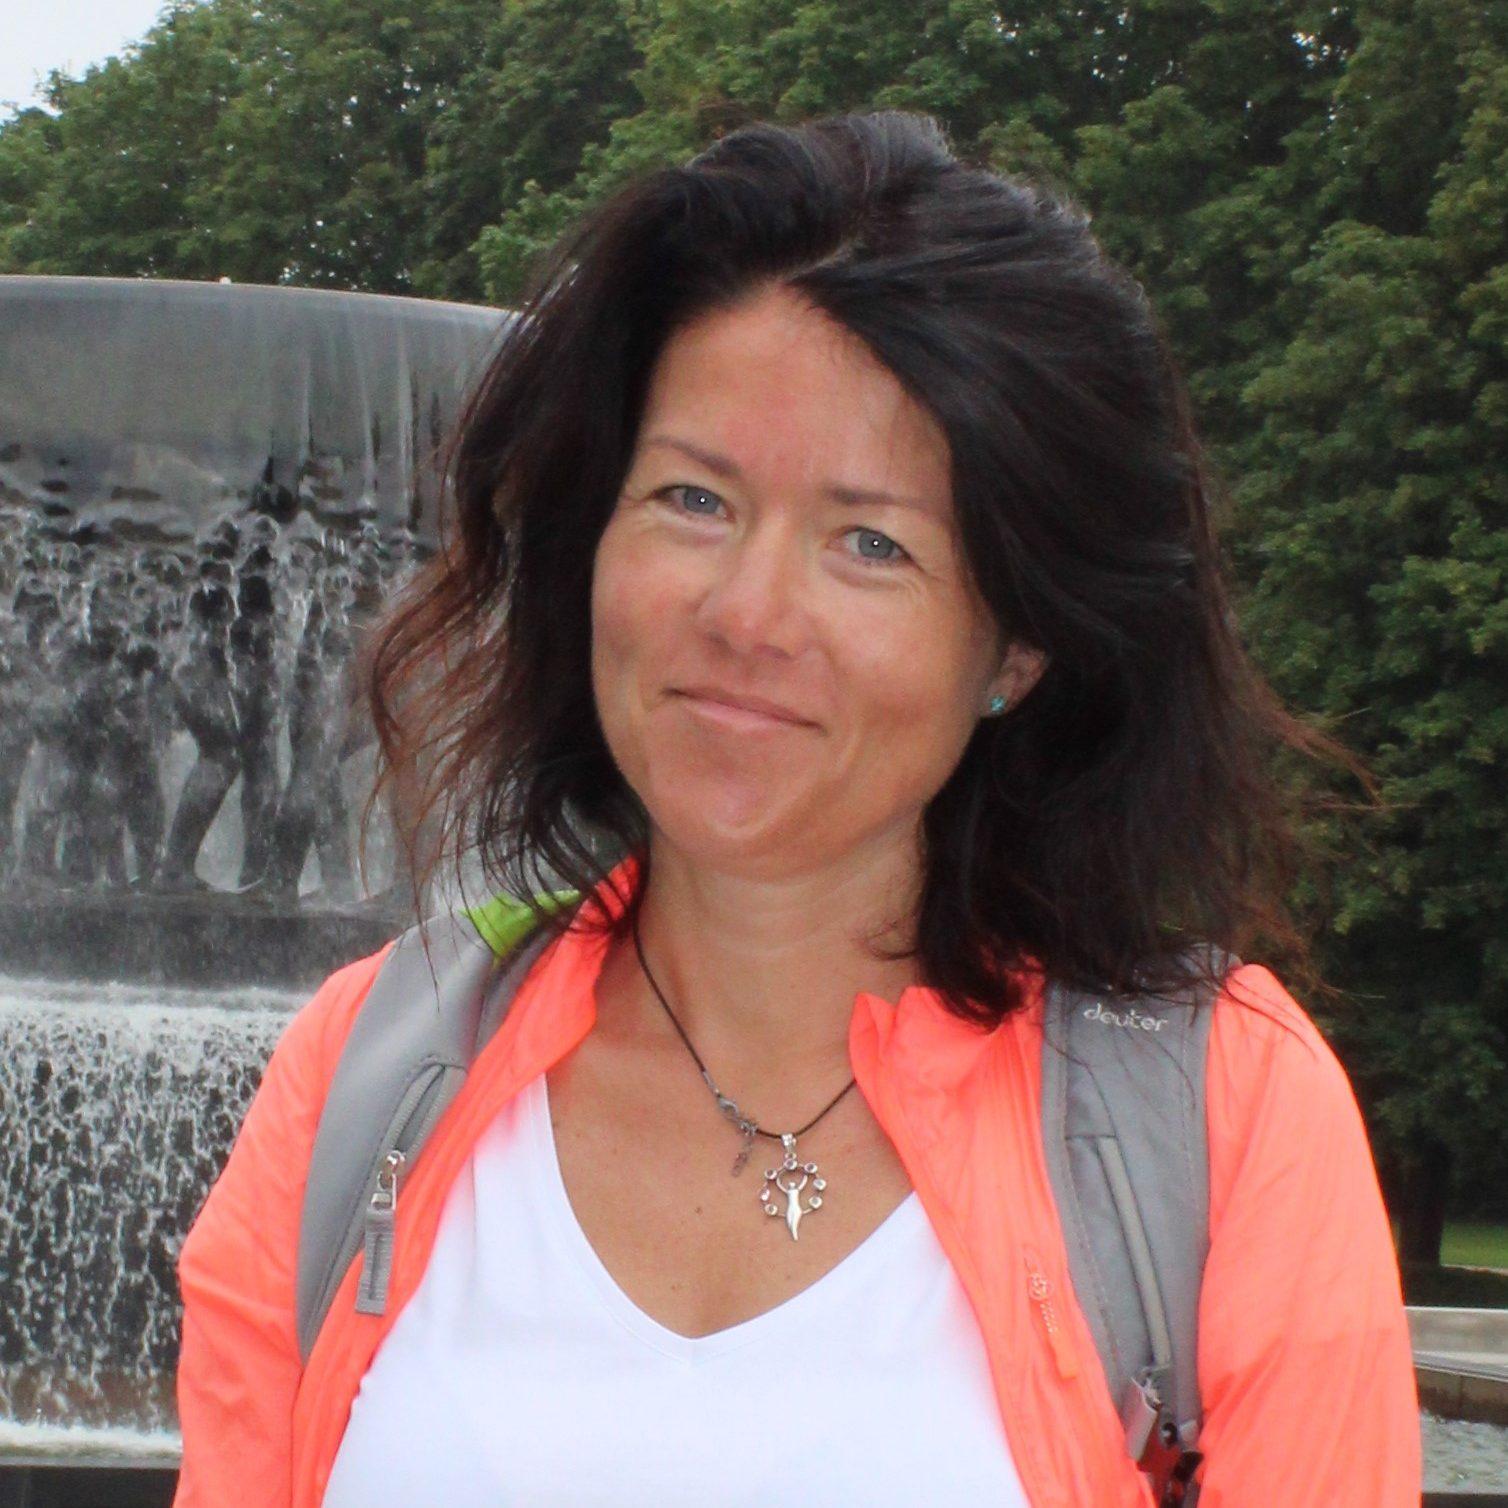 Radka Kulhánková